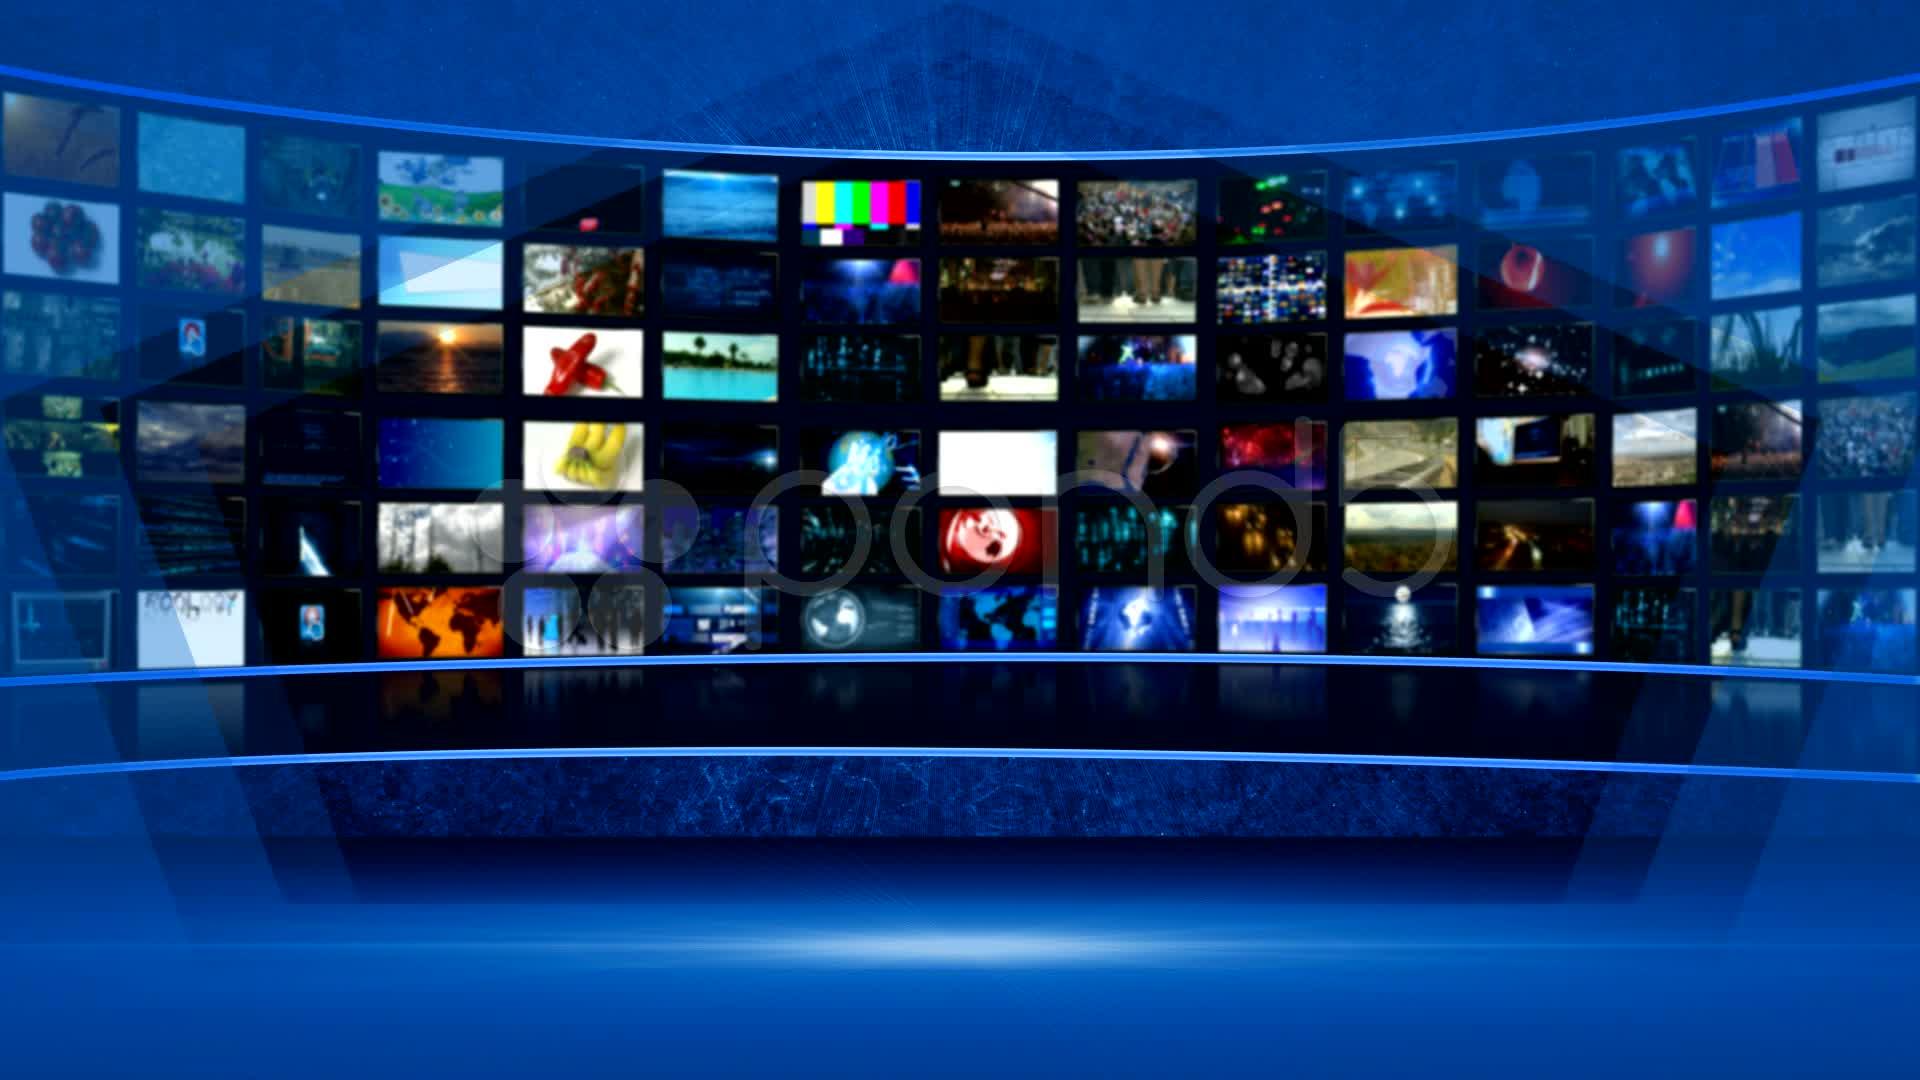 Hafta+sonu+haberi+en+%C3%A7ok+hangi+kanallardan+izledik?+%C4%B0%C5%9Fte,+haberin+reyting+sonu%C3%A7lar%C4%B1%21;